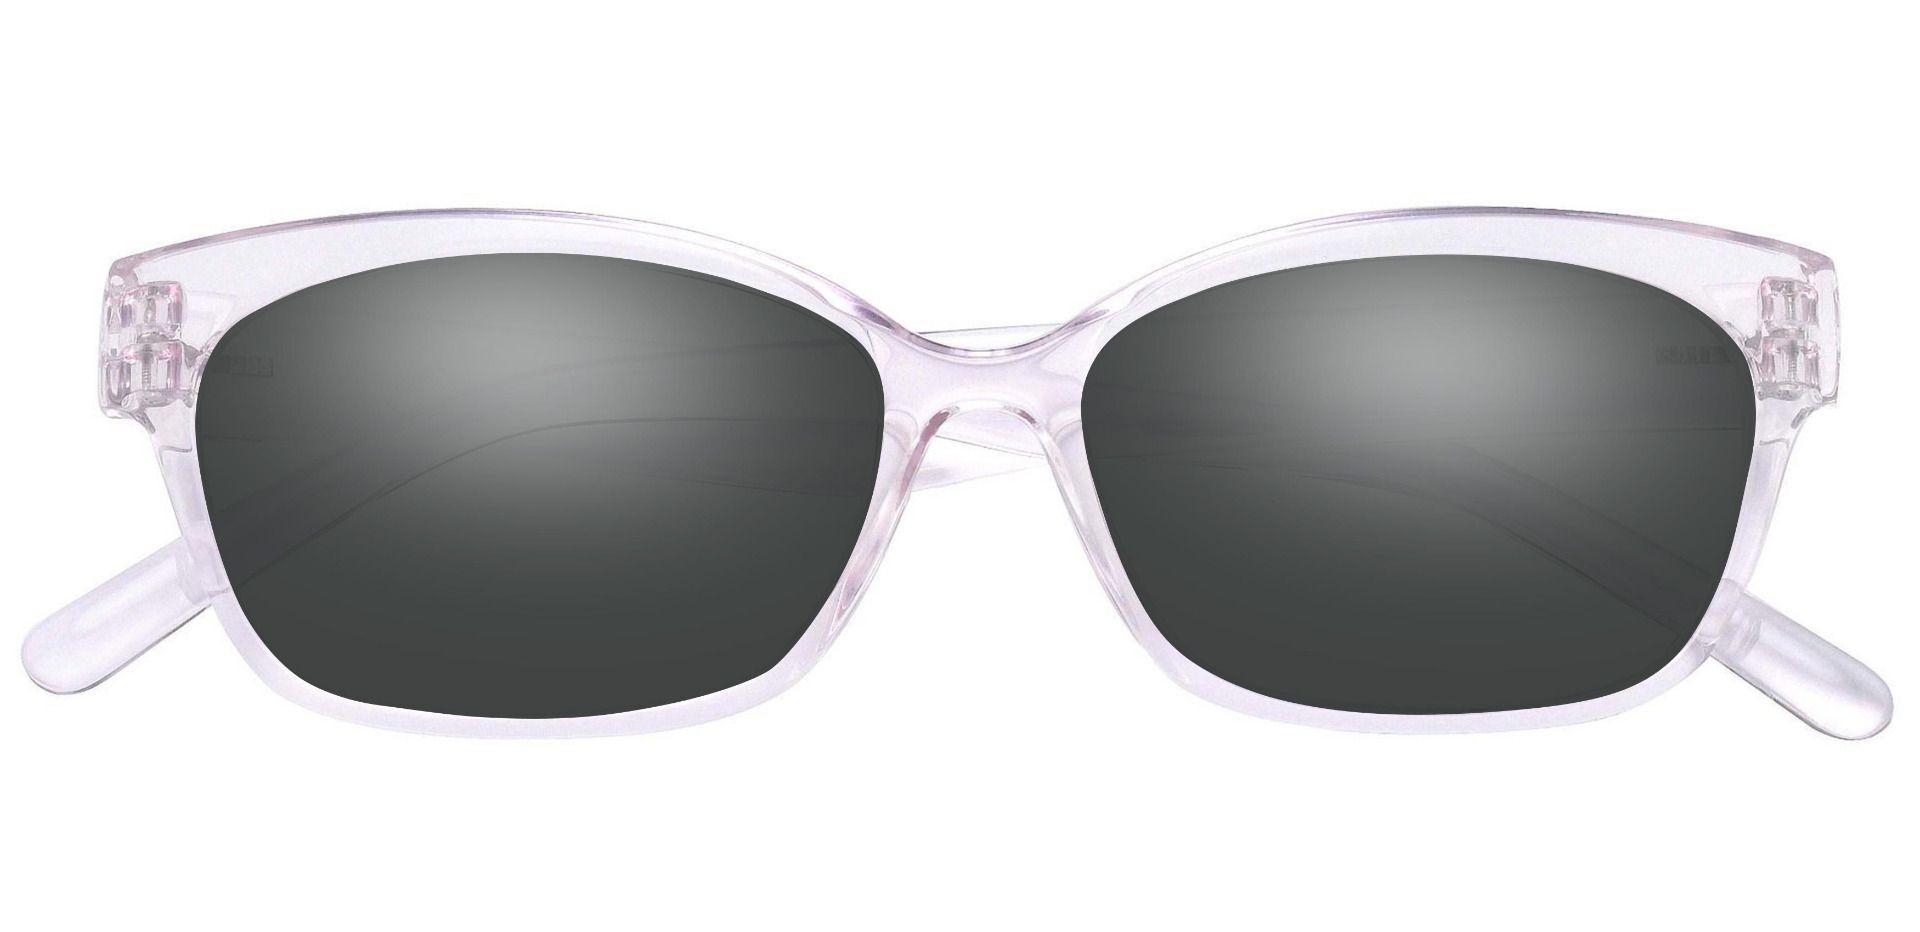 Adele Cat-Eye Prescription Sunglasses - Pink Frame With Gray Lenses